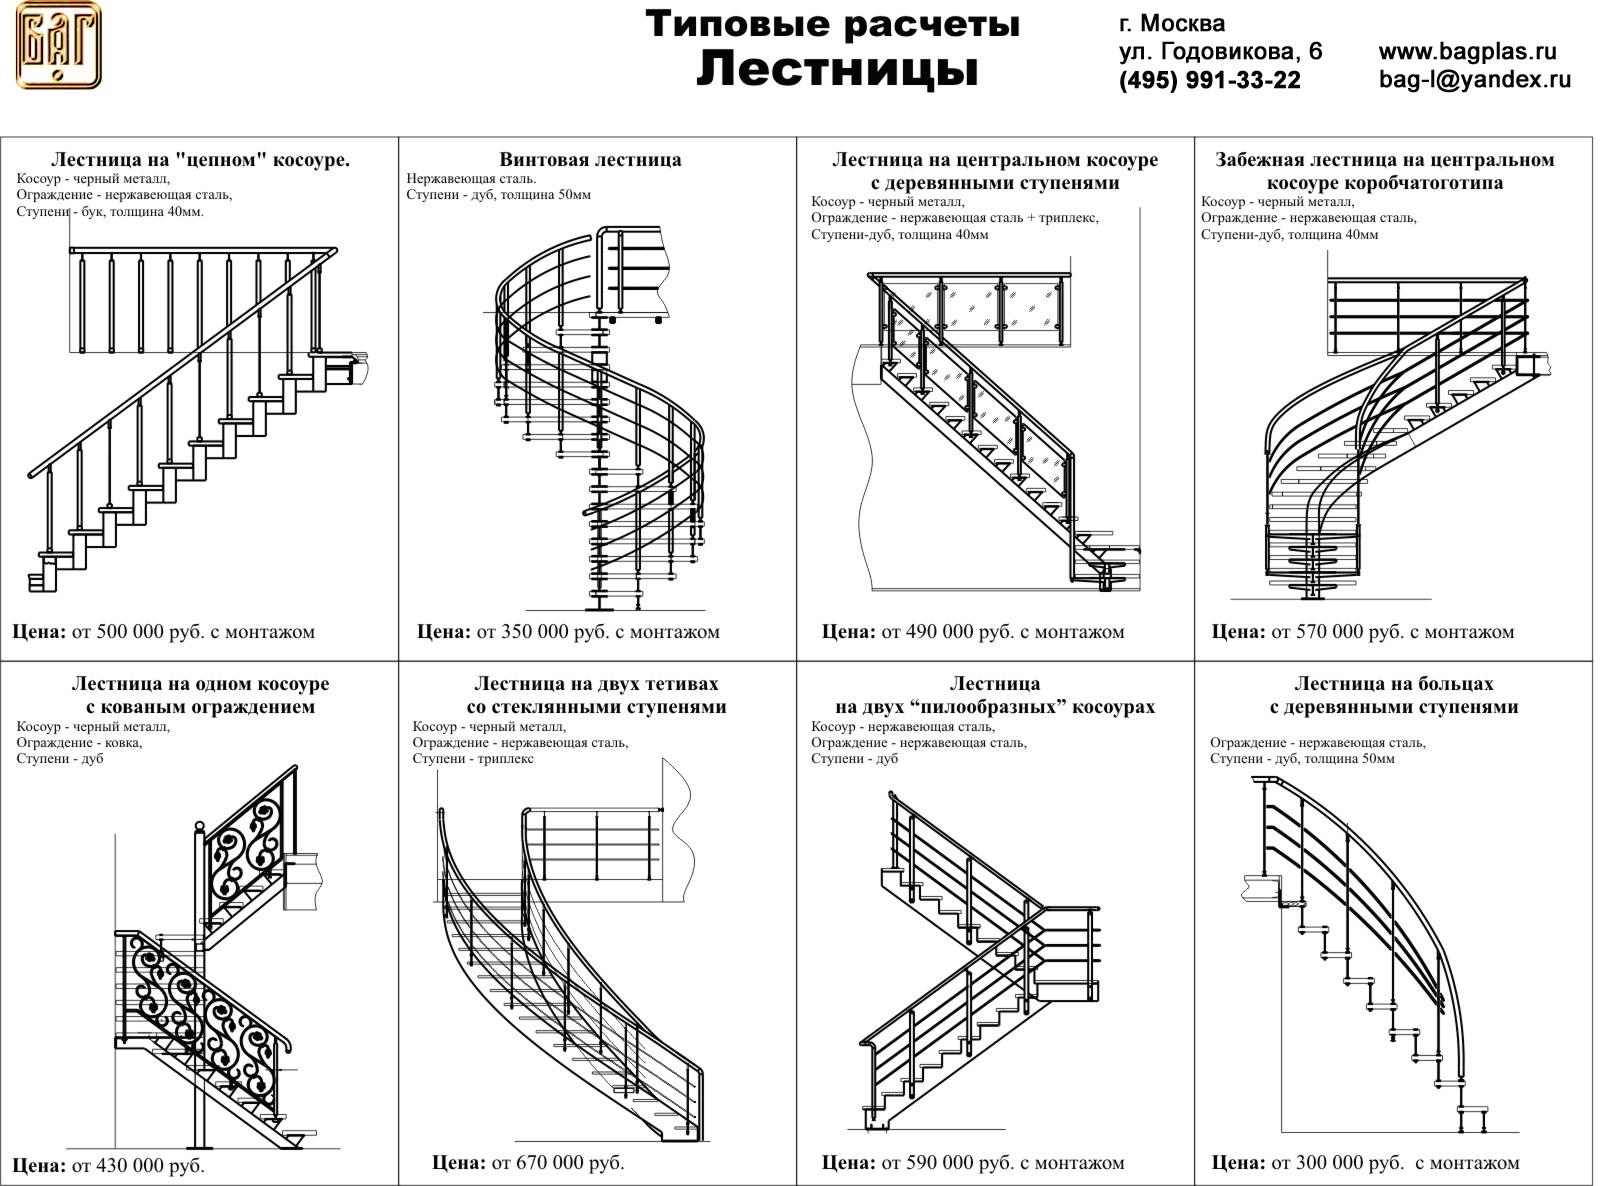 Скачать прайс лист на лестницы